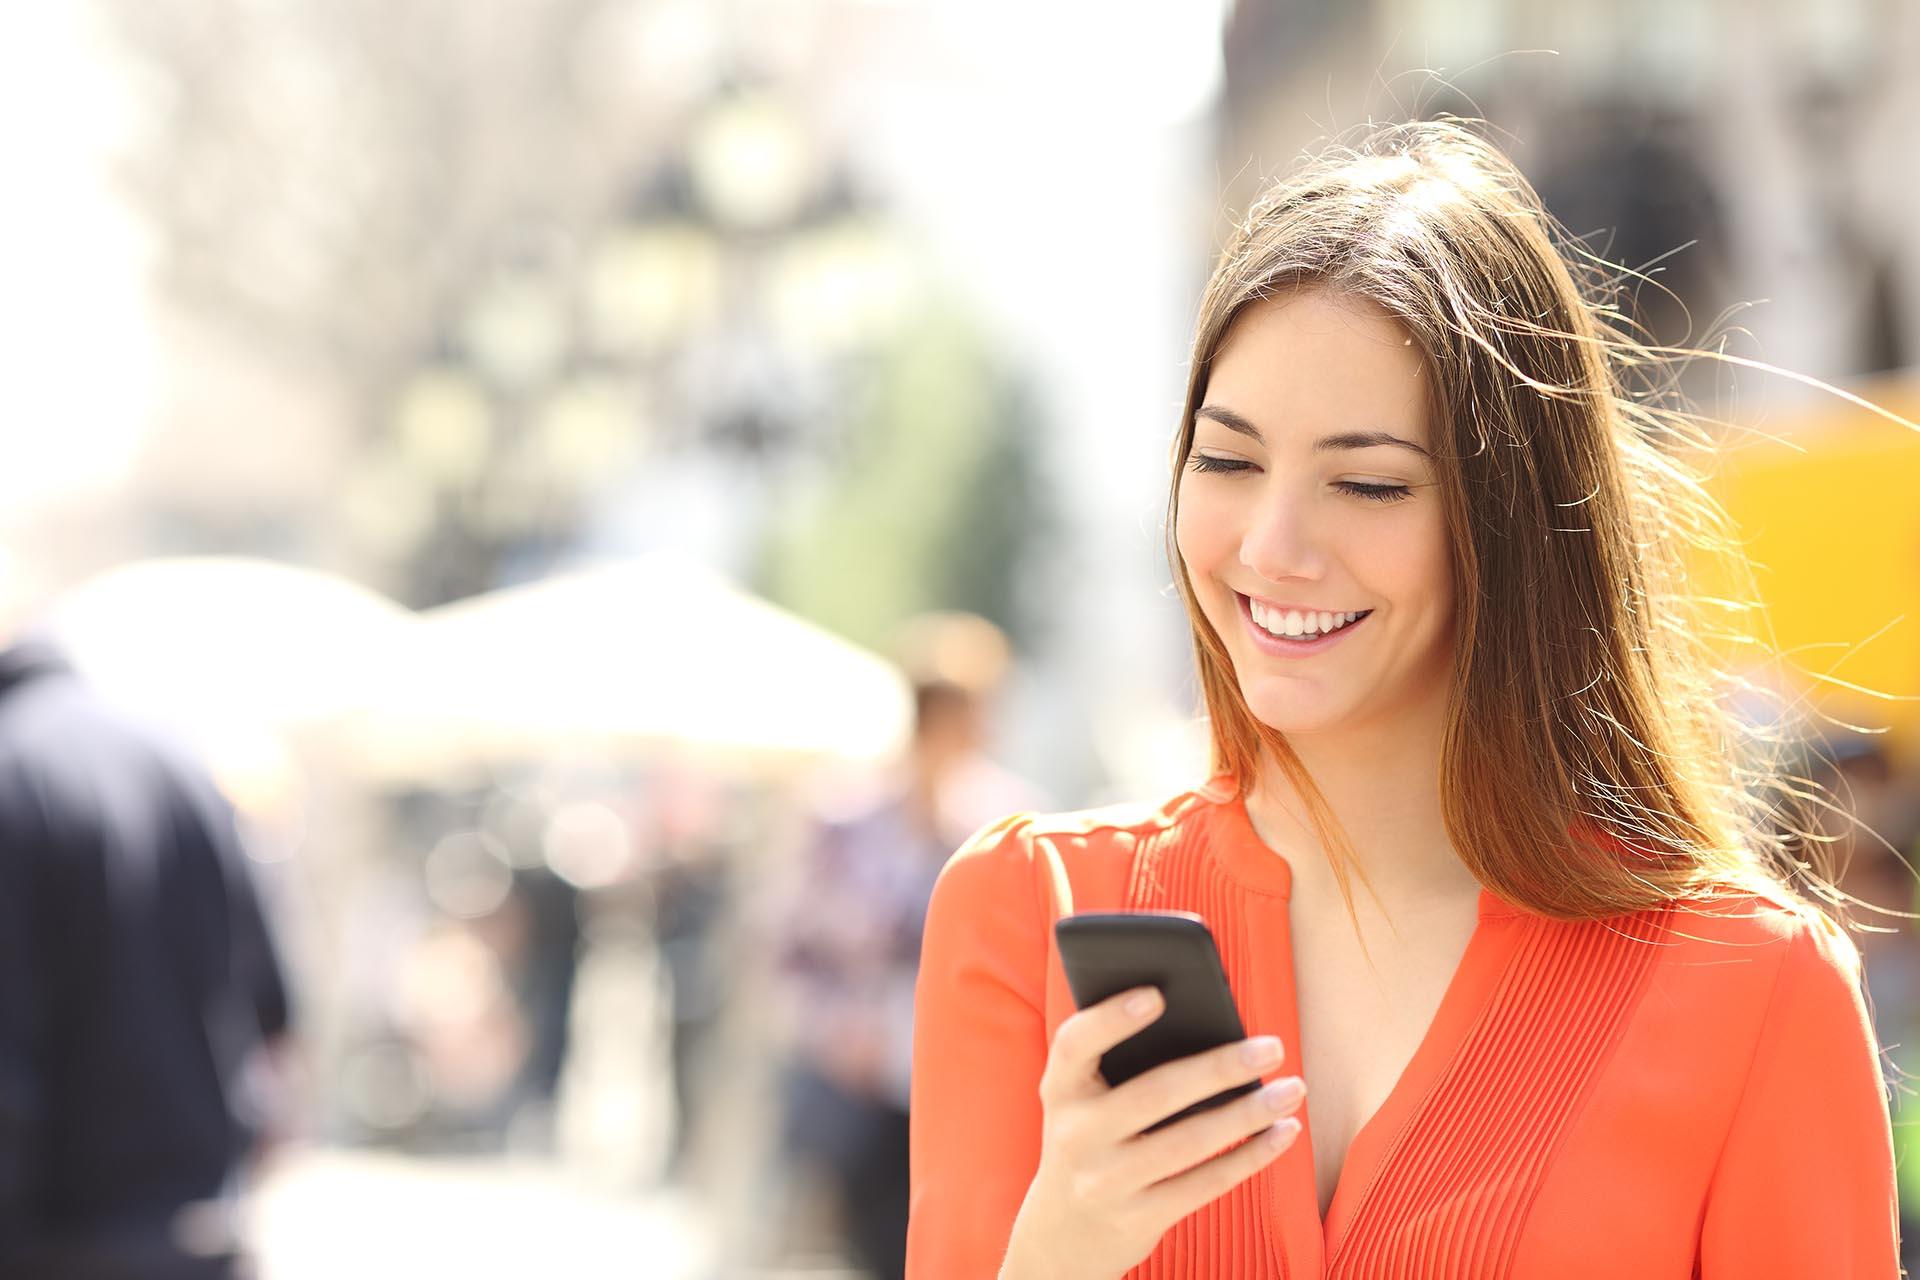 """""""Estar en internet no es algo malo, lo nocivo es el exceso o la extrema dependencia que puede llegar a generar adicción a las redes sociales"""", dijo Adriana Guraieb."""